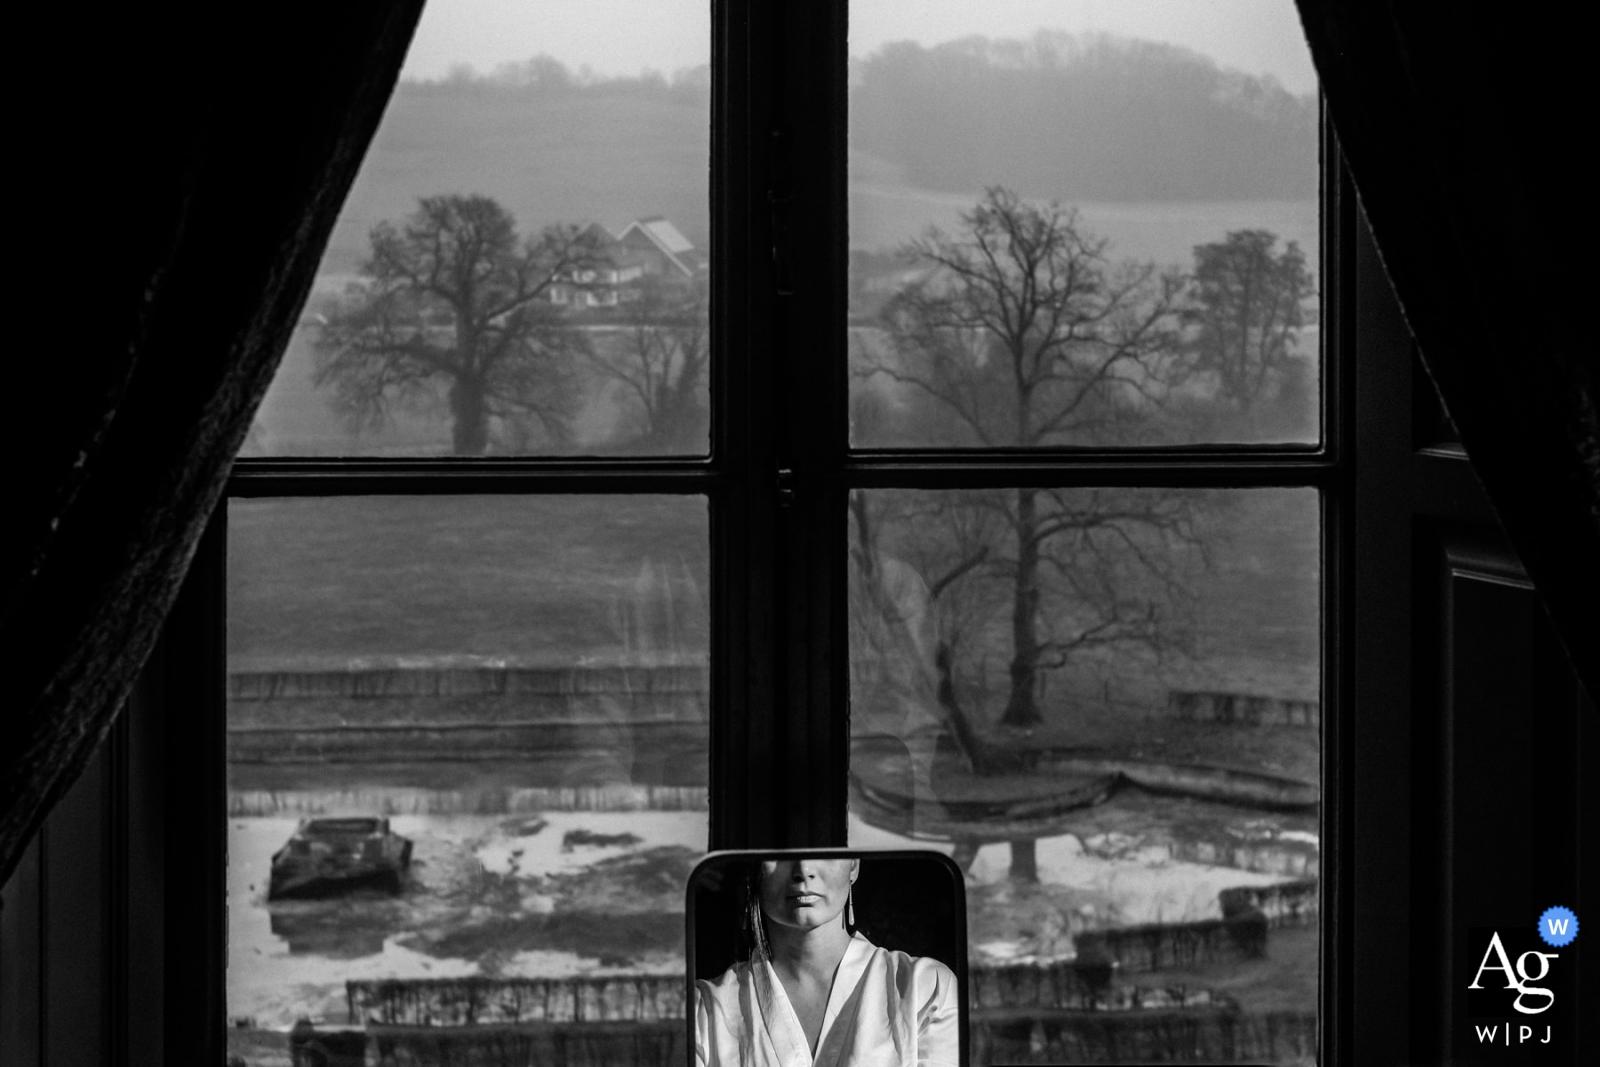 Braut, die sich im Chateau Neercanne Maastricht mit einem kleinen Spiegel im Fenster fertig macht